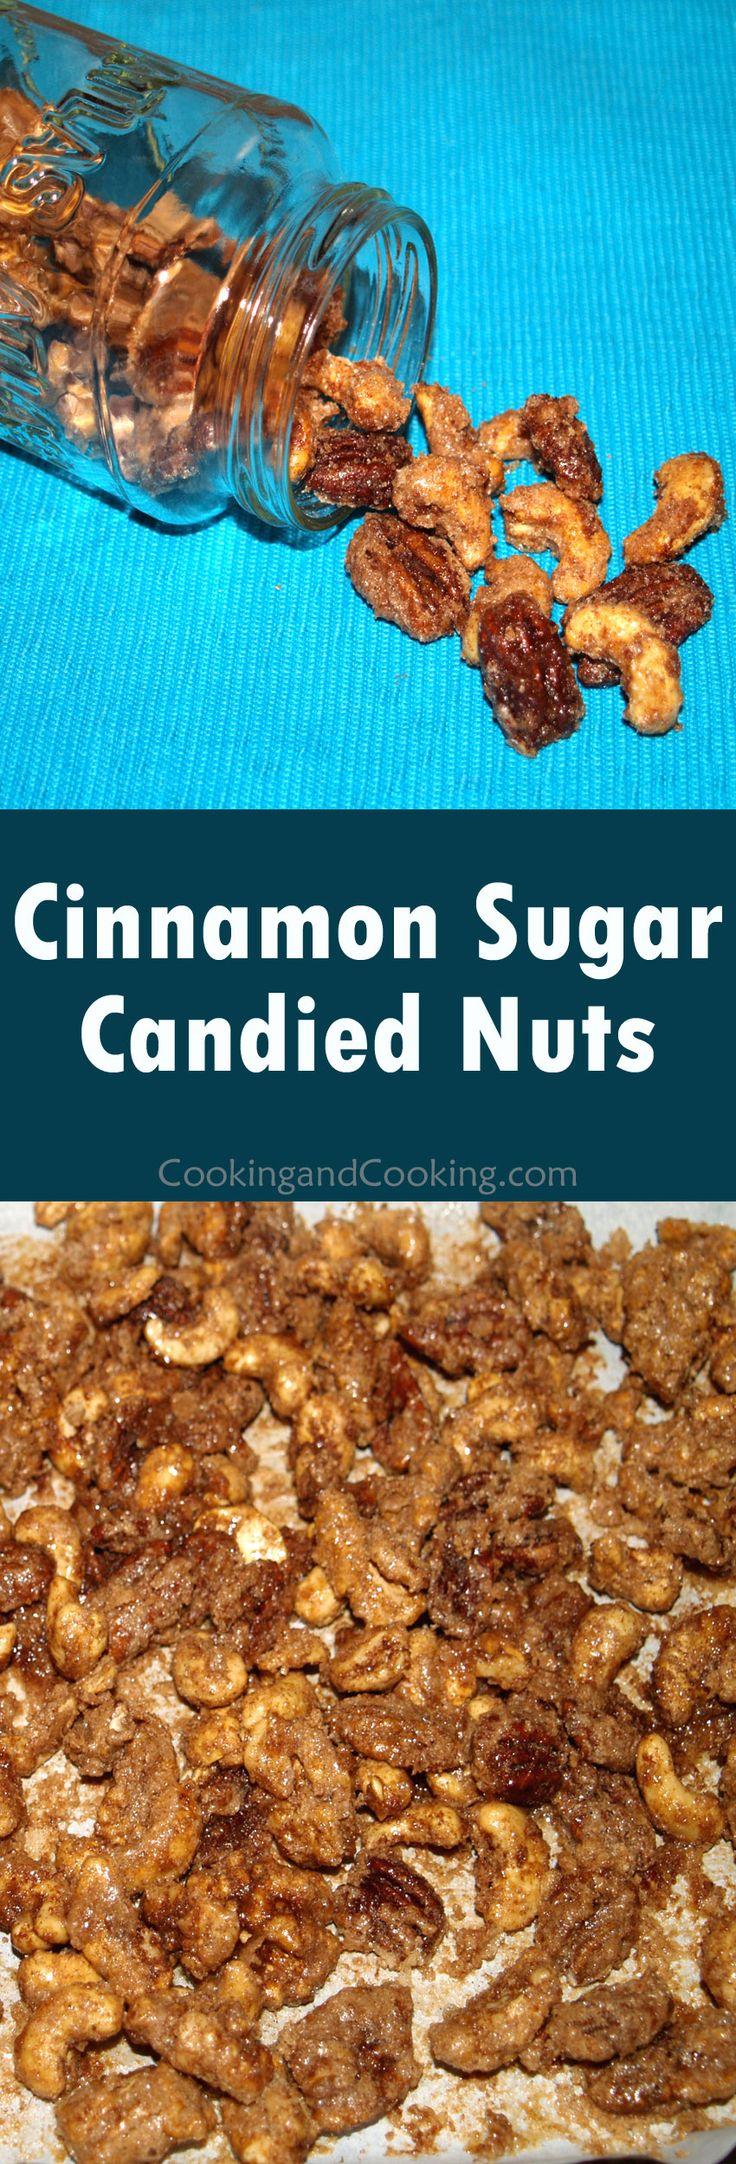 Cinnamon Sugar Candied Nuts Recipe